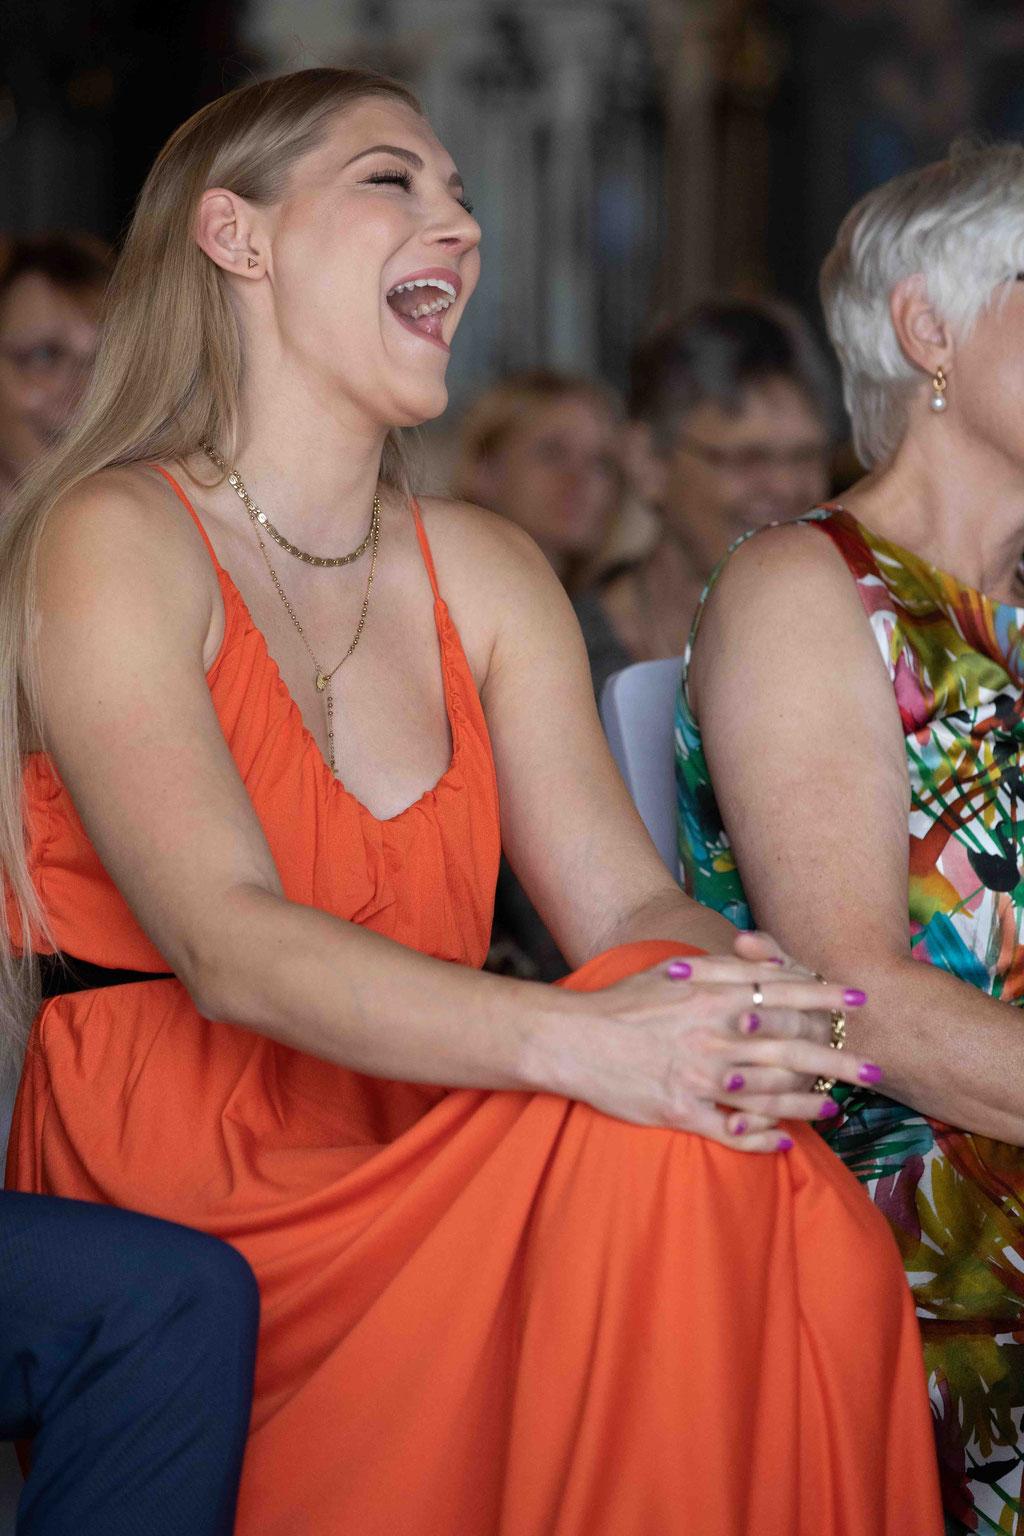 Hochzeitslocation Hochzeit feiern Weingut Schloss Reinhartshausen, Hauptstraße 39, 65346 Eltville am Rhein, Hochzeitsfotograf, Schwester lacht auf der Hochzeit,